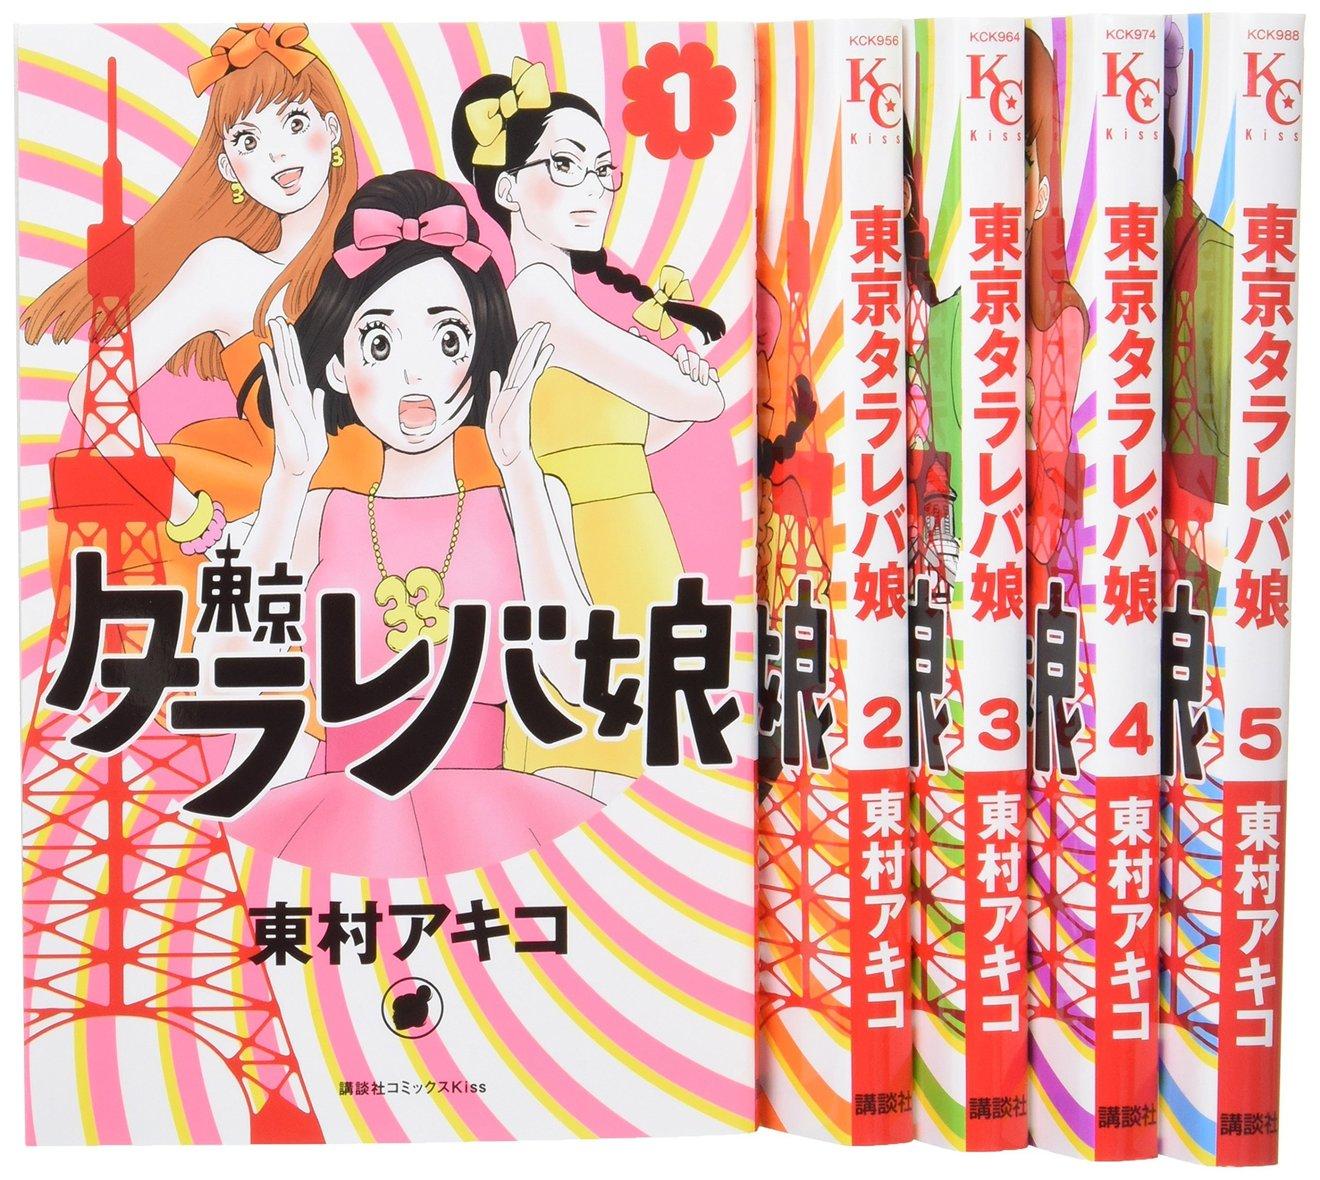 共感できる切ない恋愛漫画35選!大人の女性におすすめ!